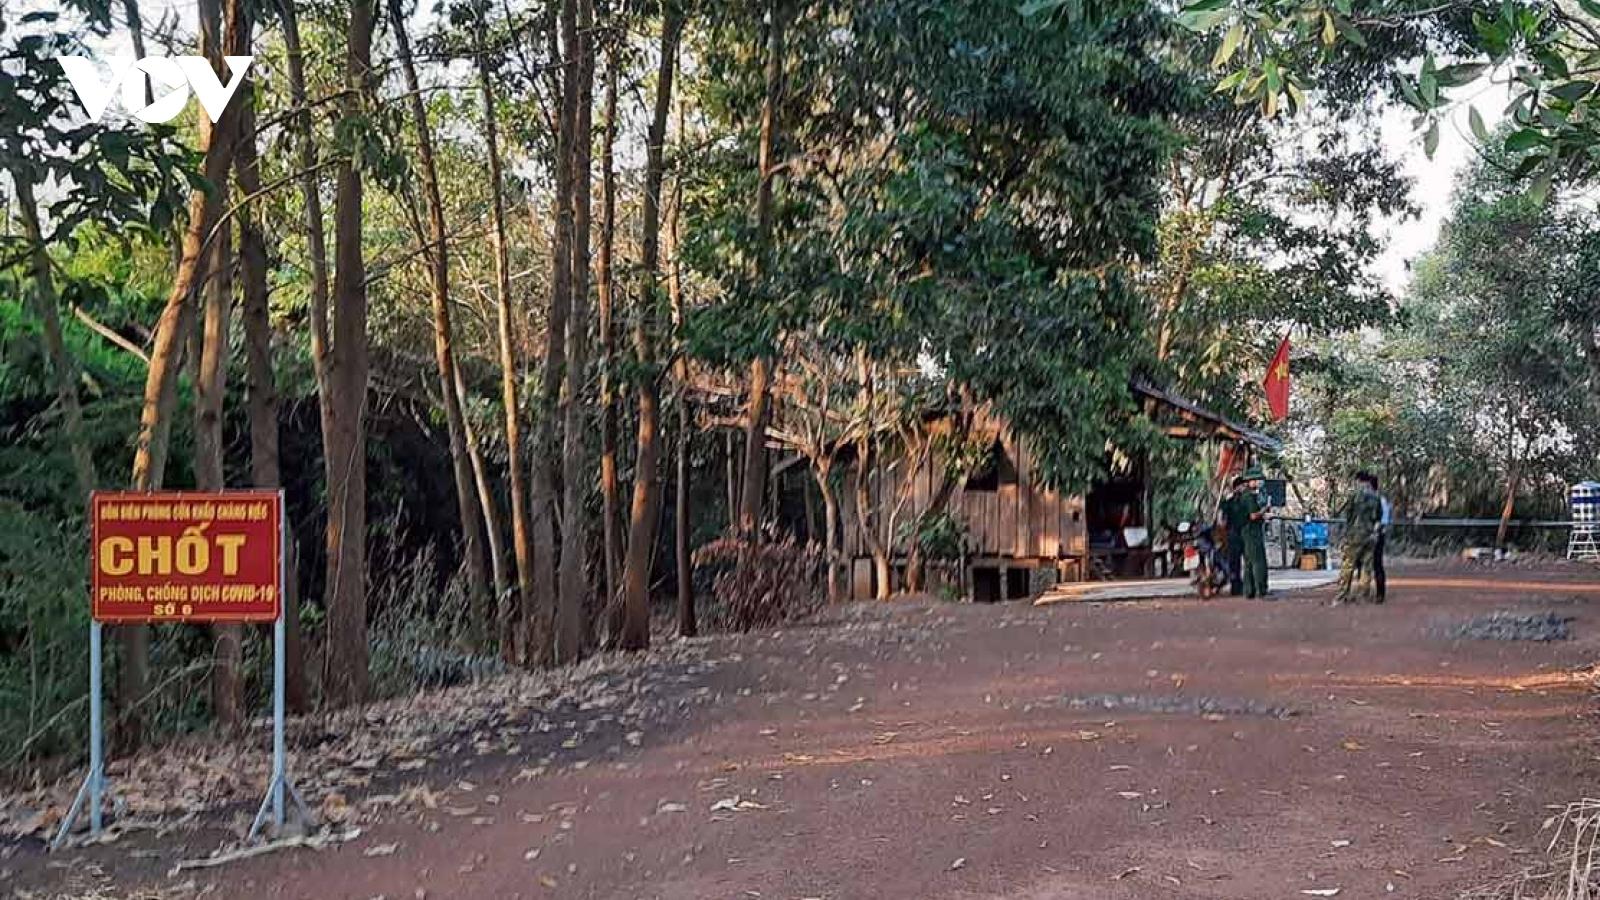 Tây Ninh xây dựng thế trận bọc lót nhiều tầng để chống nhập cảnh trái phép